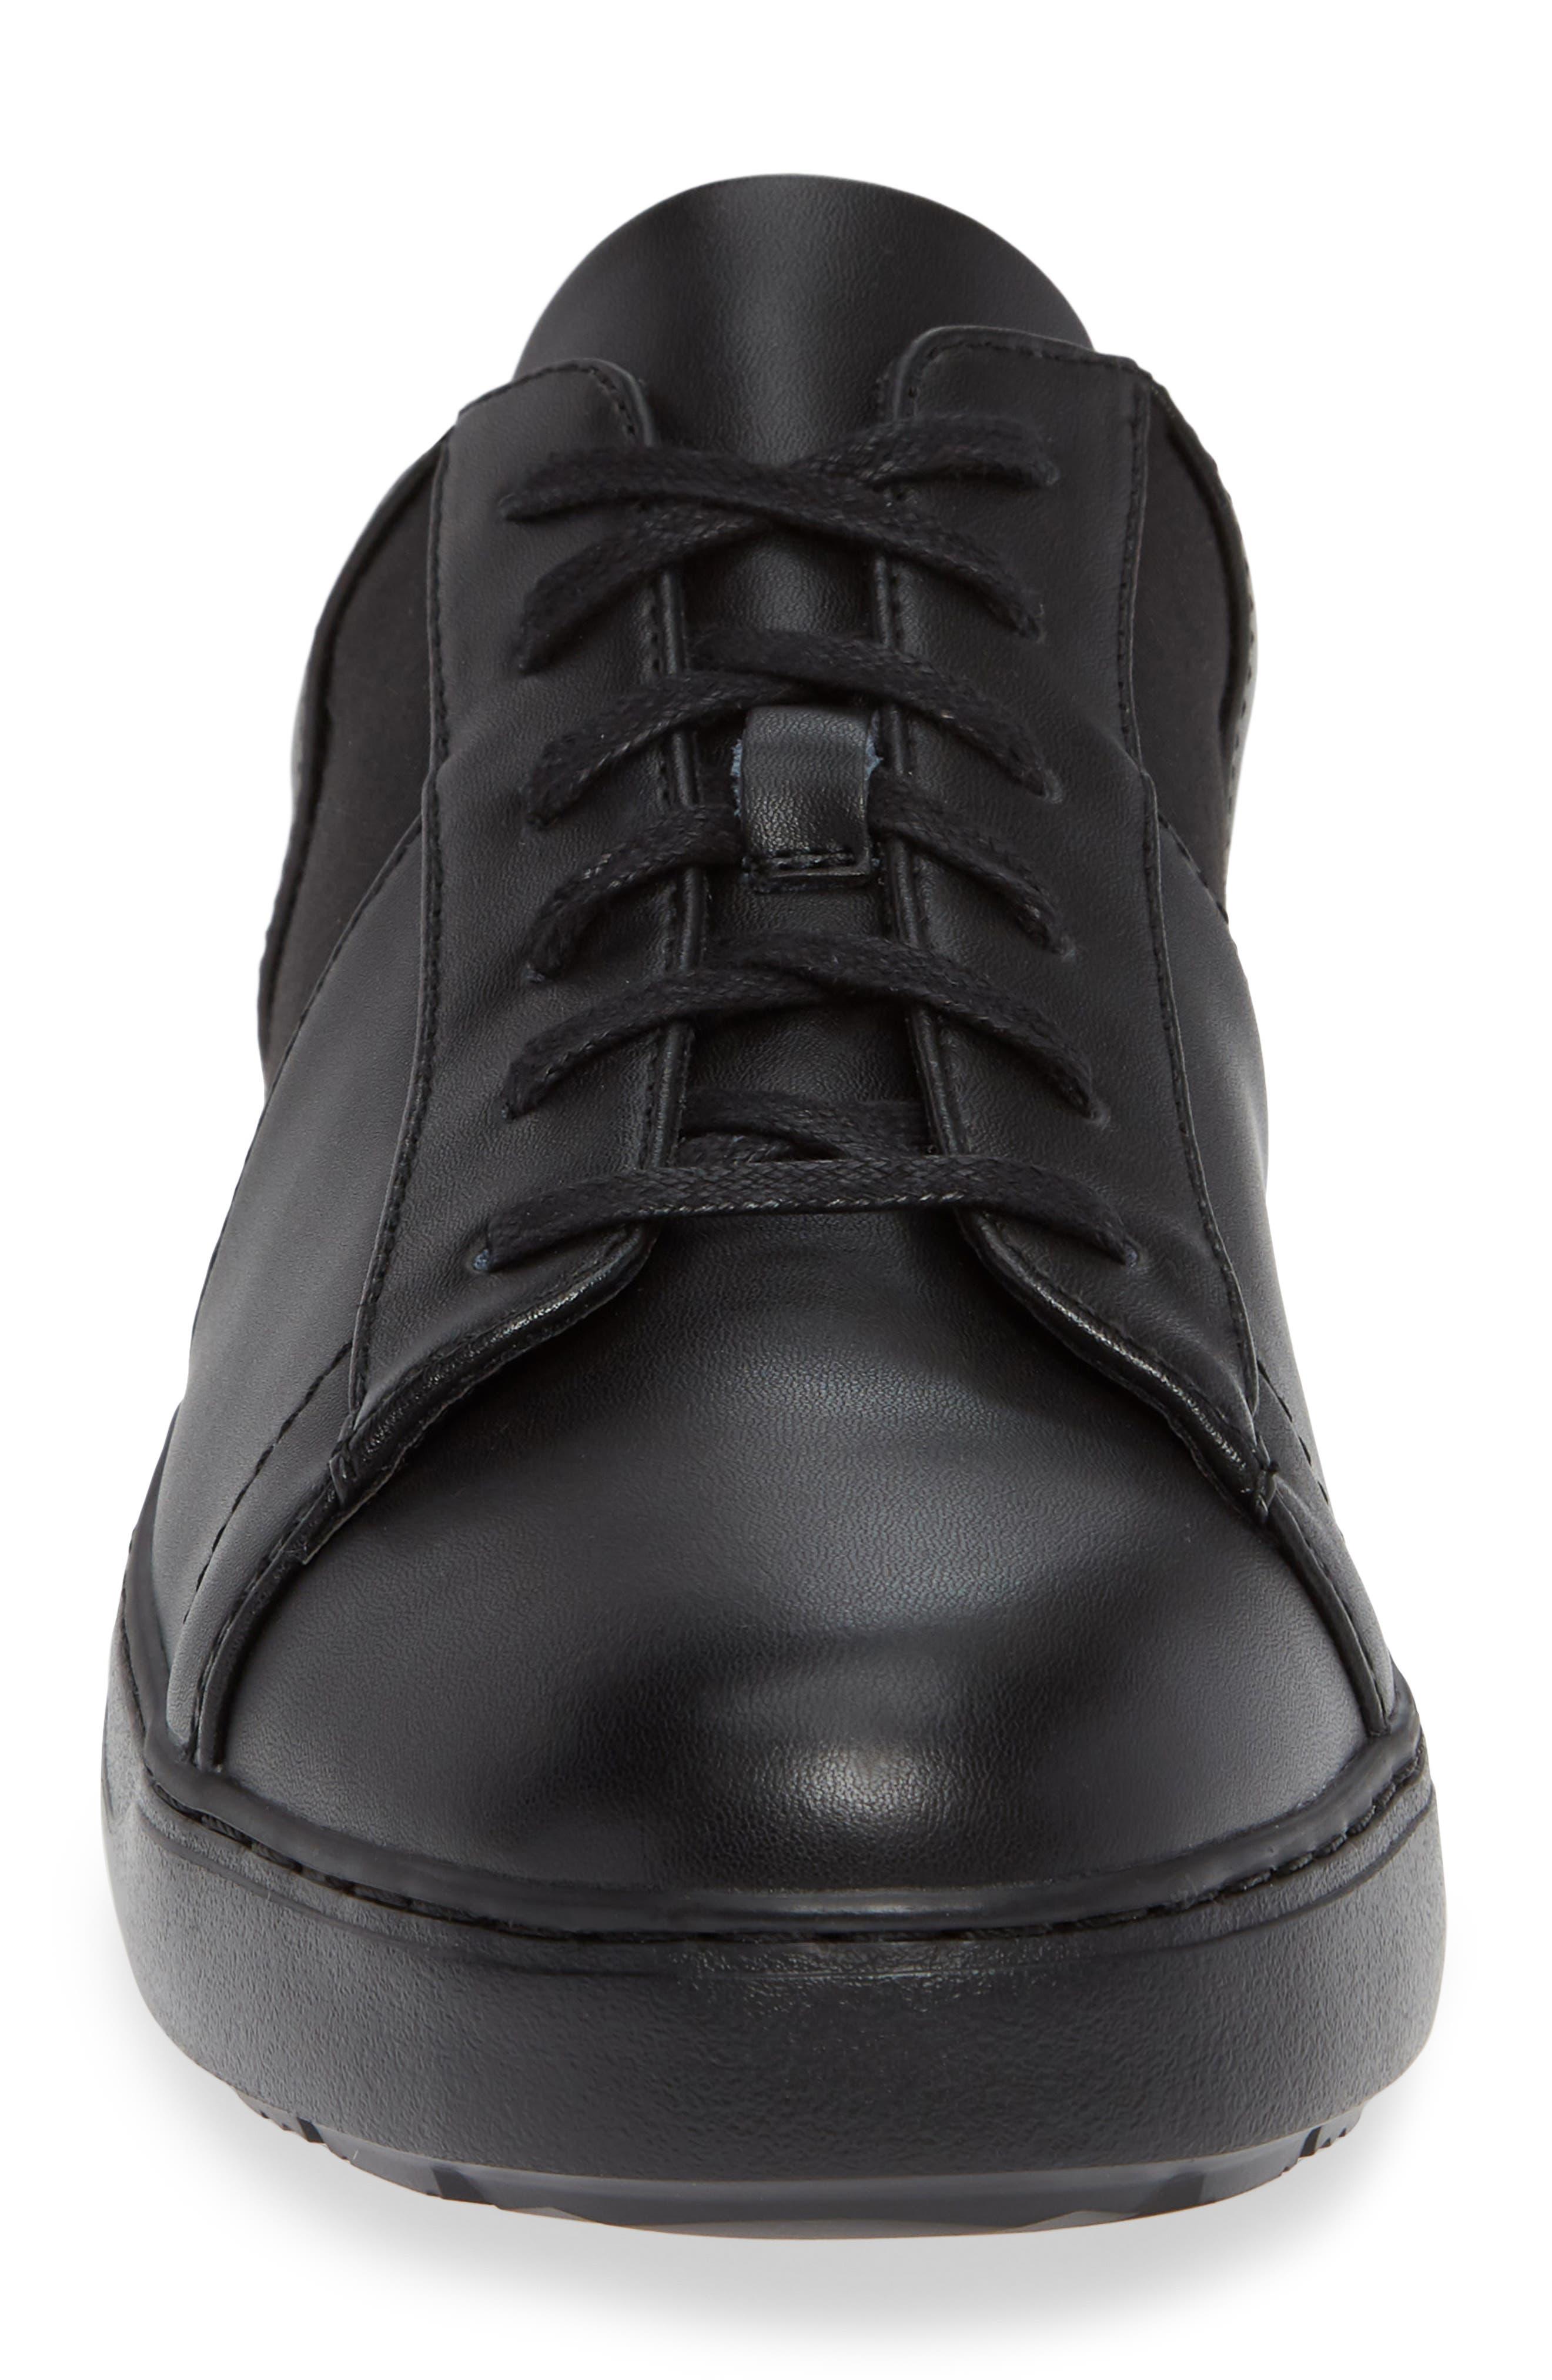 Sammy 2 Sneaker,                             Alternate thumbnail 4, color,                             BLACK LEATHER